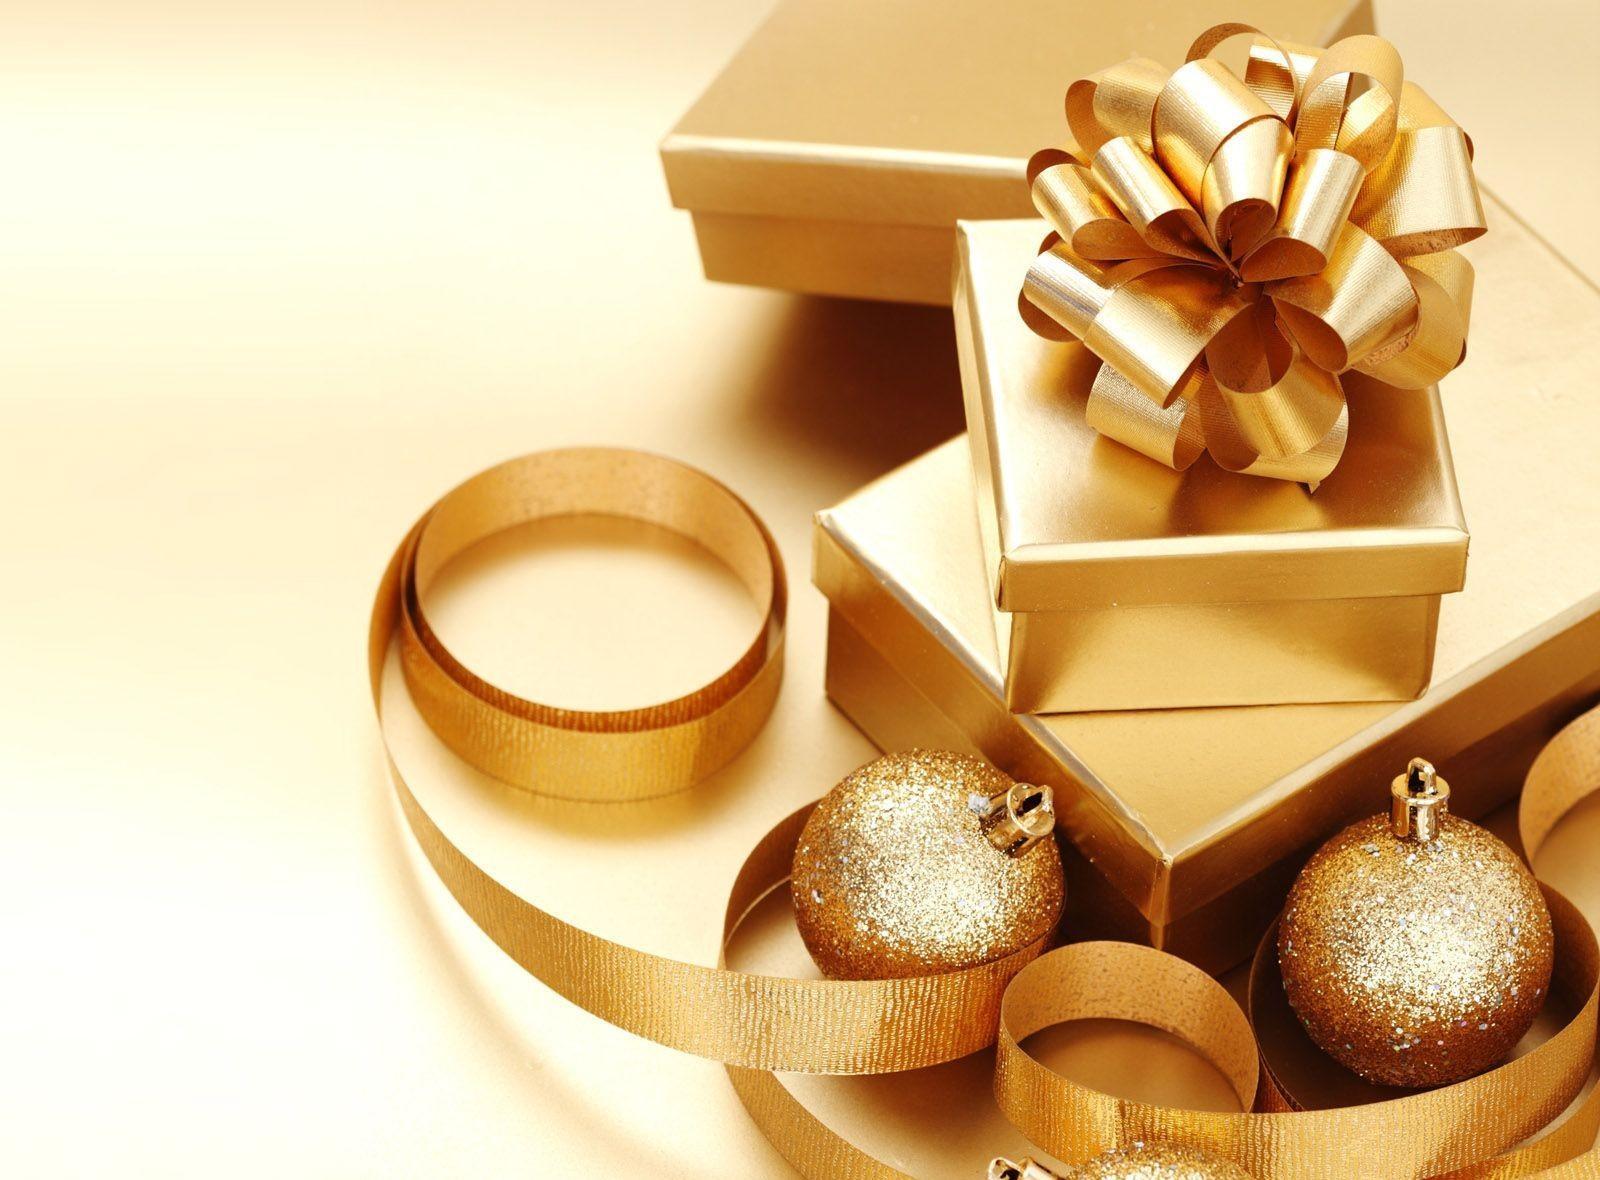 Hintergrundbilder : Lebensmittel, Bogen, Weihnachten, Gold, Urlaub ...